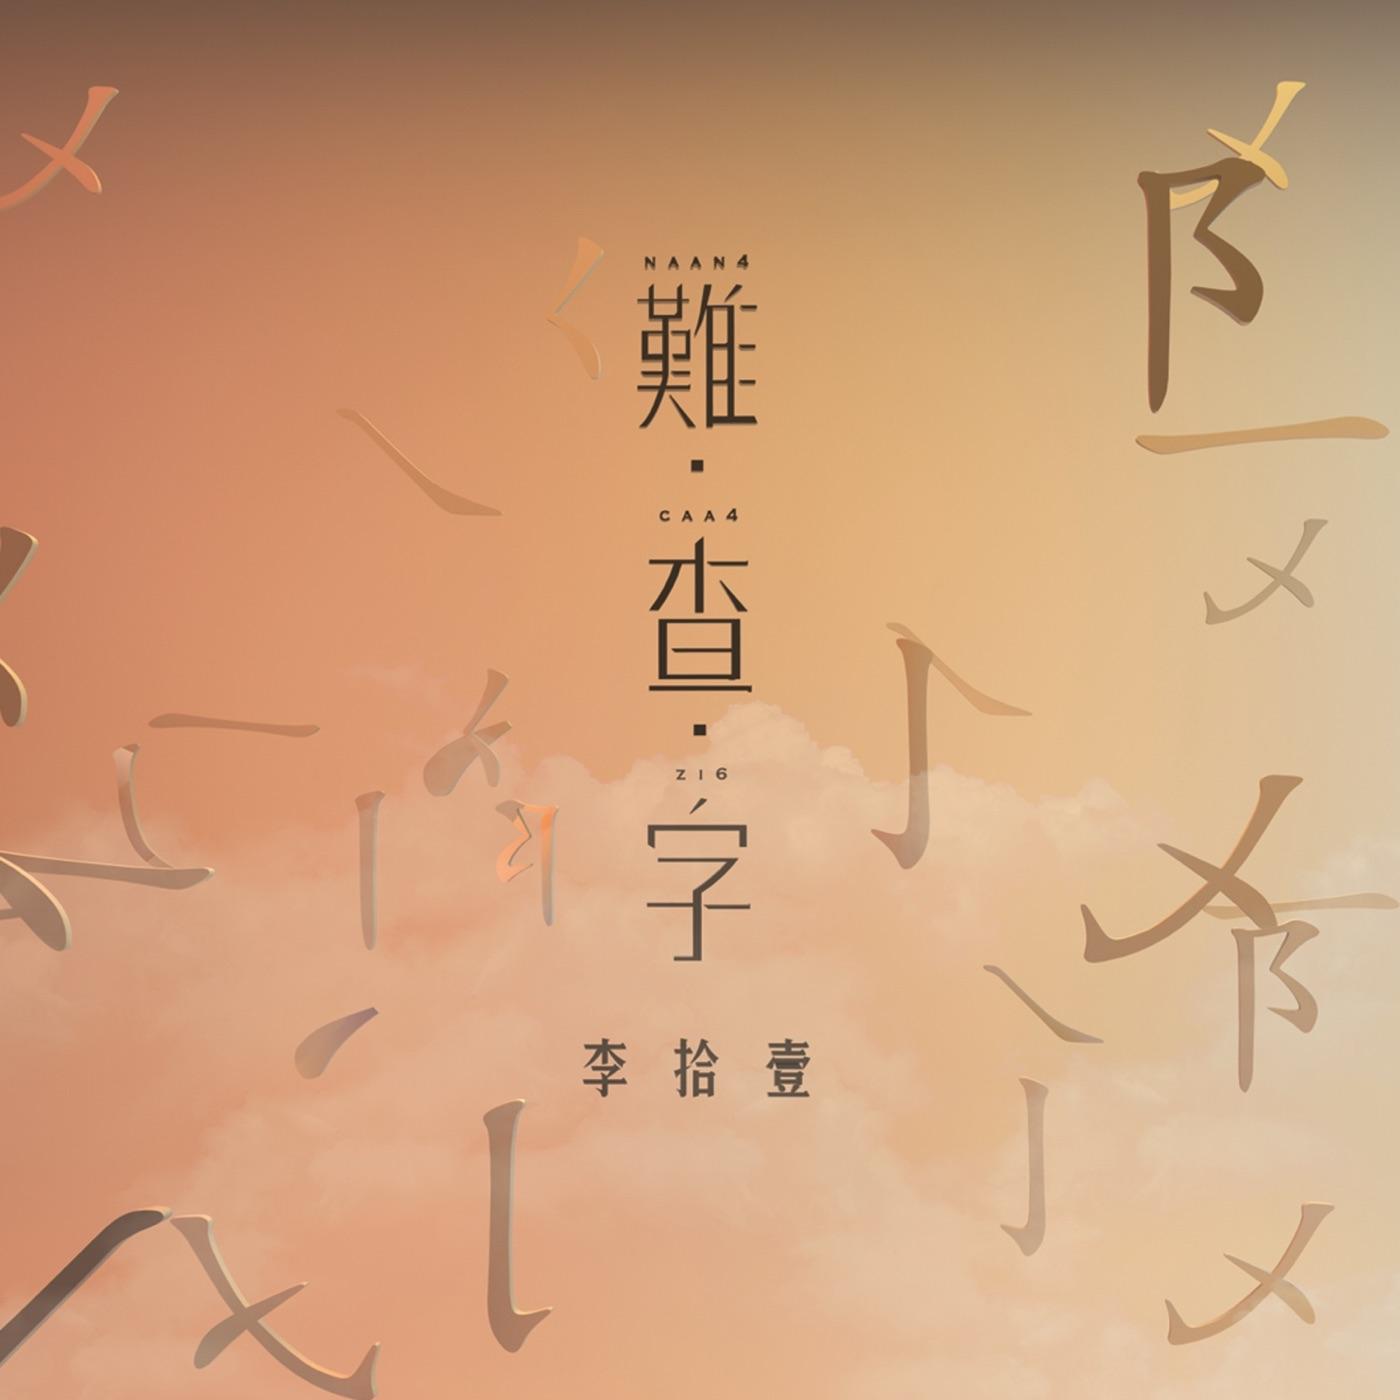 李拾壹 - 难查字 - Single